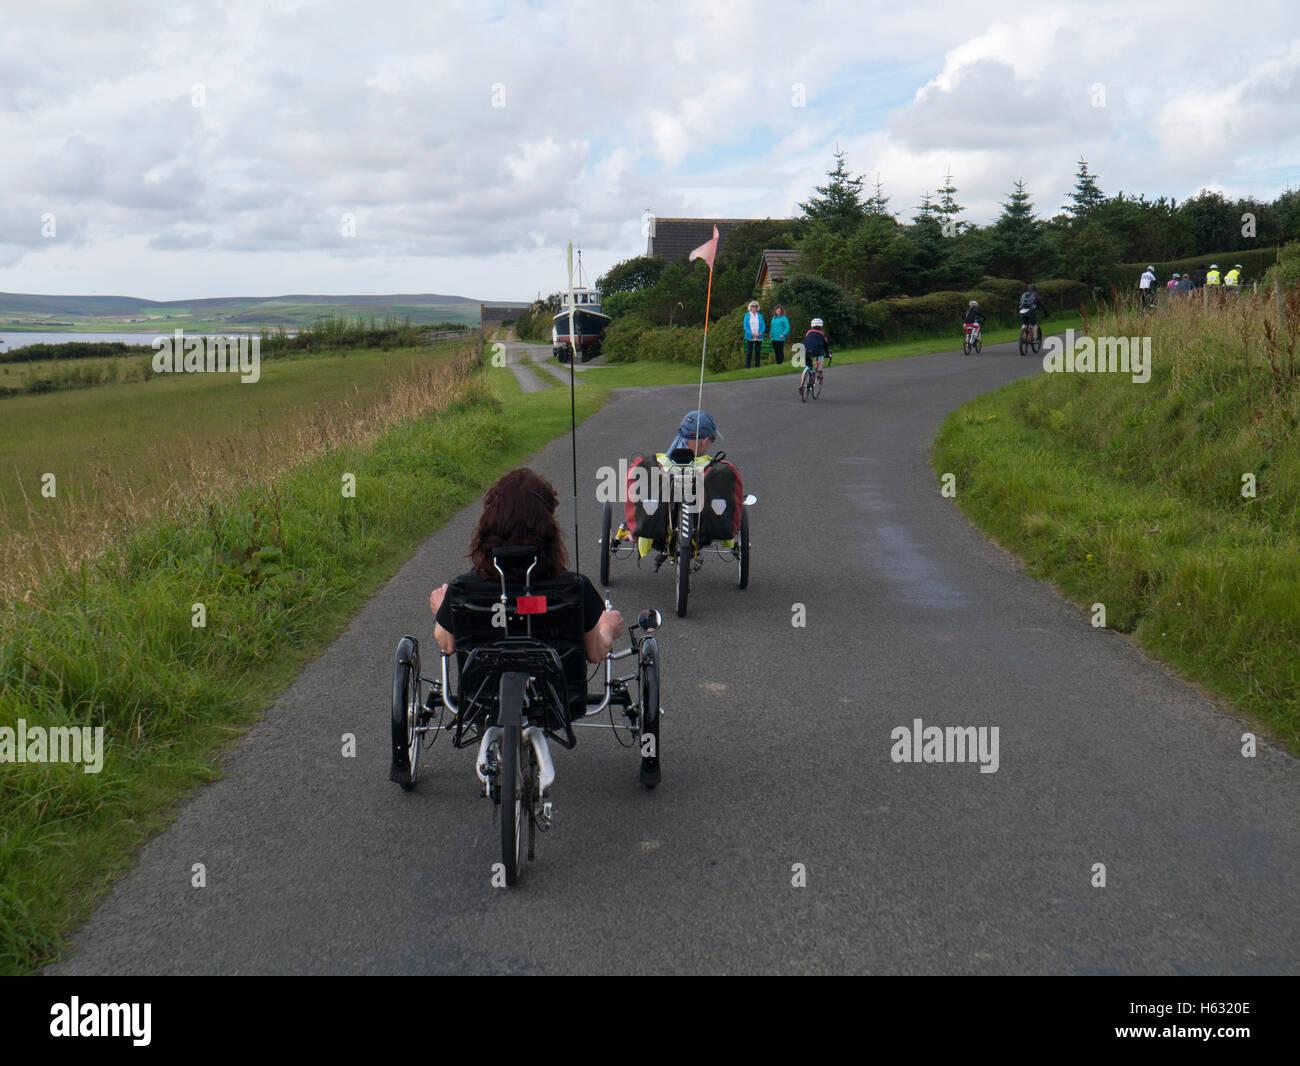 Recumbent tricycles - Stock Image